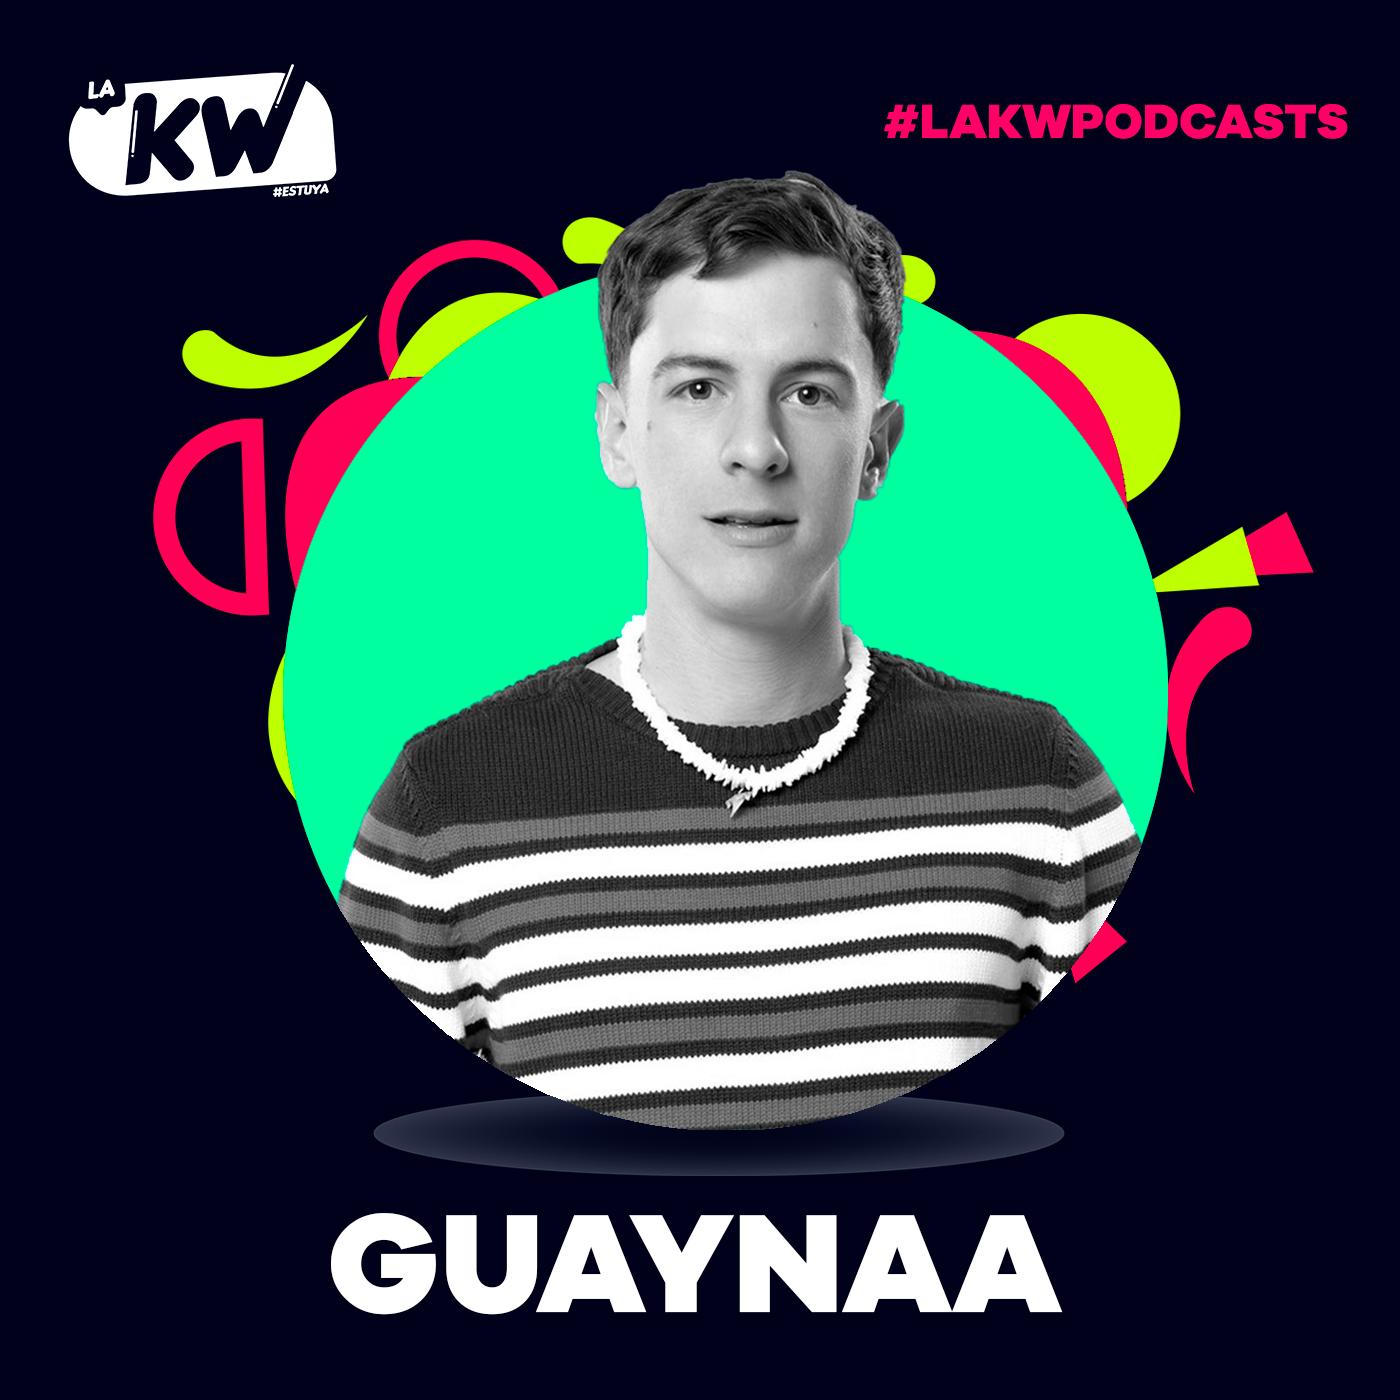 Guaynaa en La KW | #LaKWPodcasts